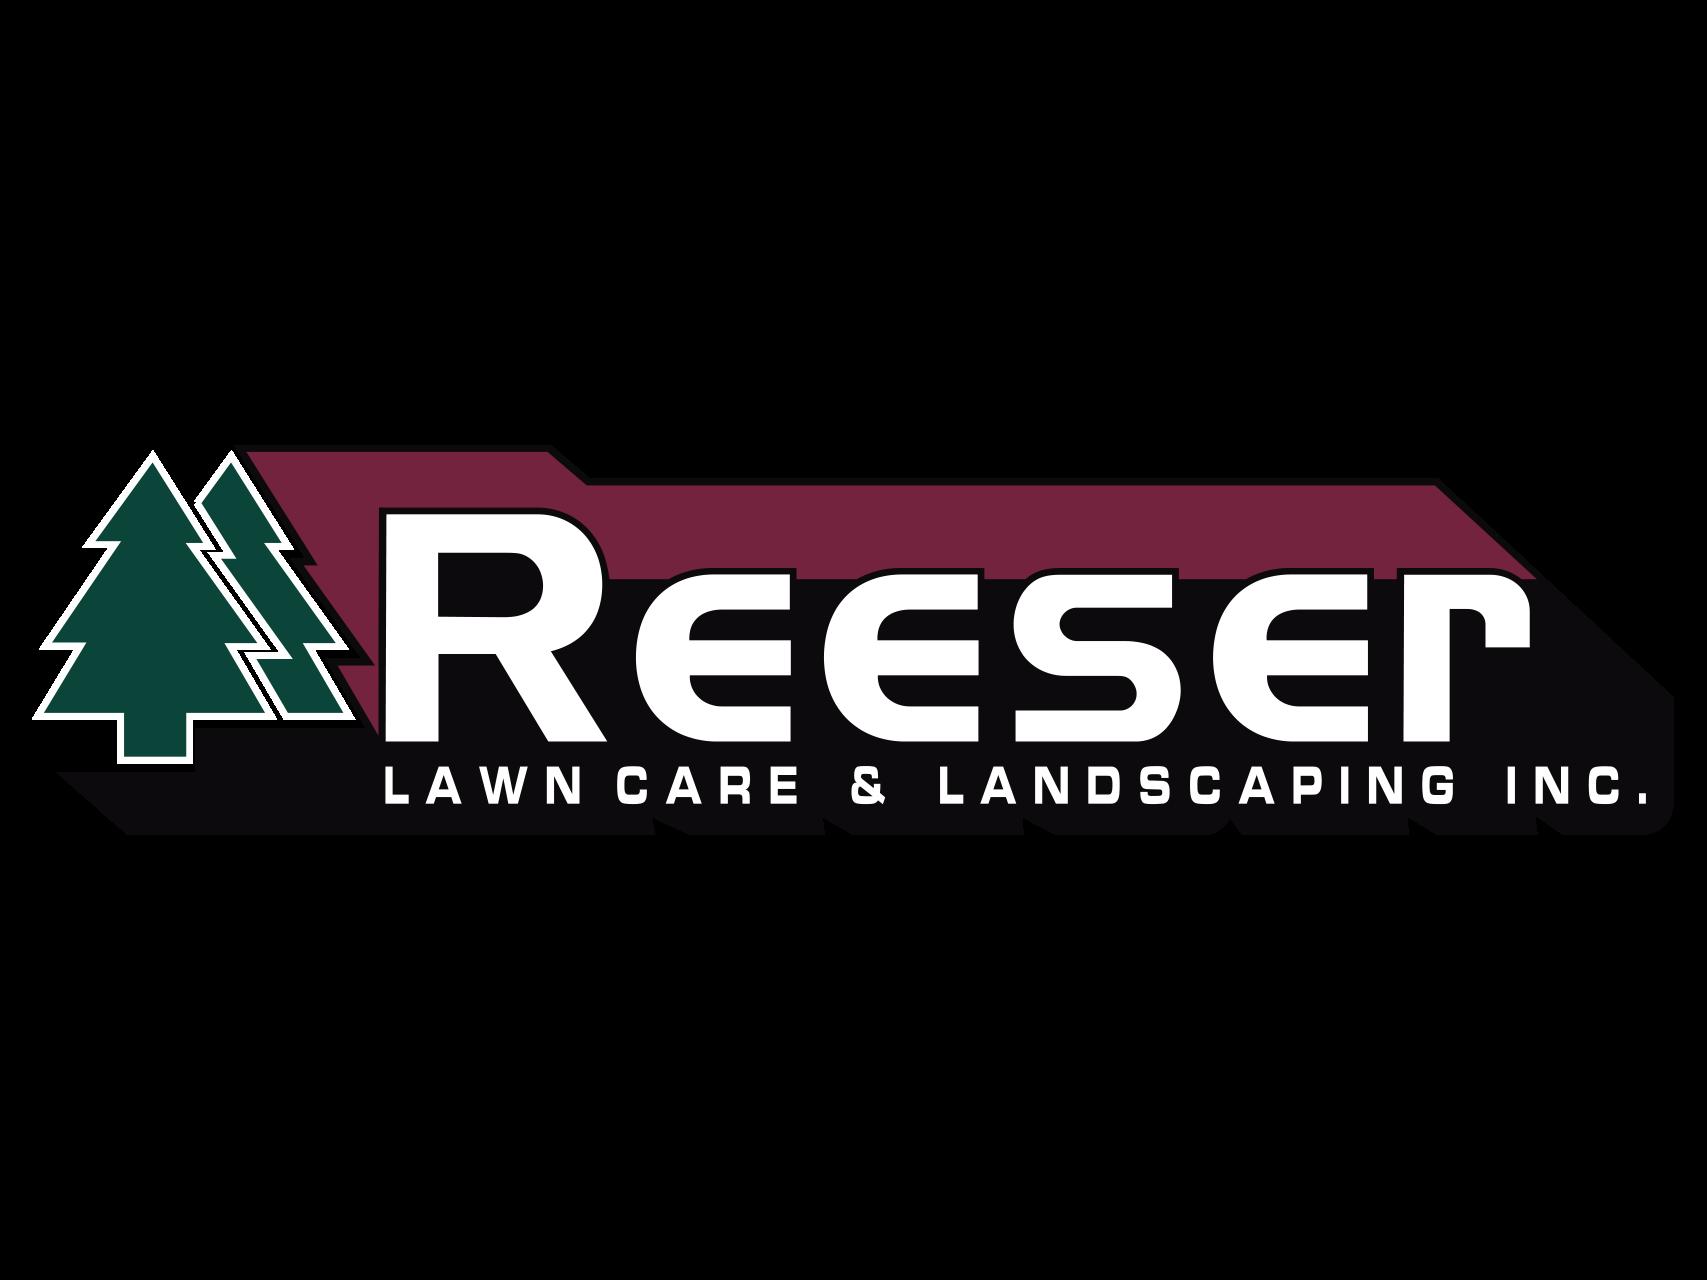 Reeser logo_1554222743484.png.jpg